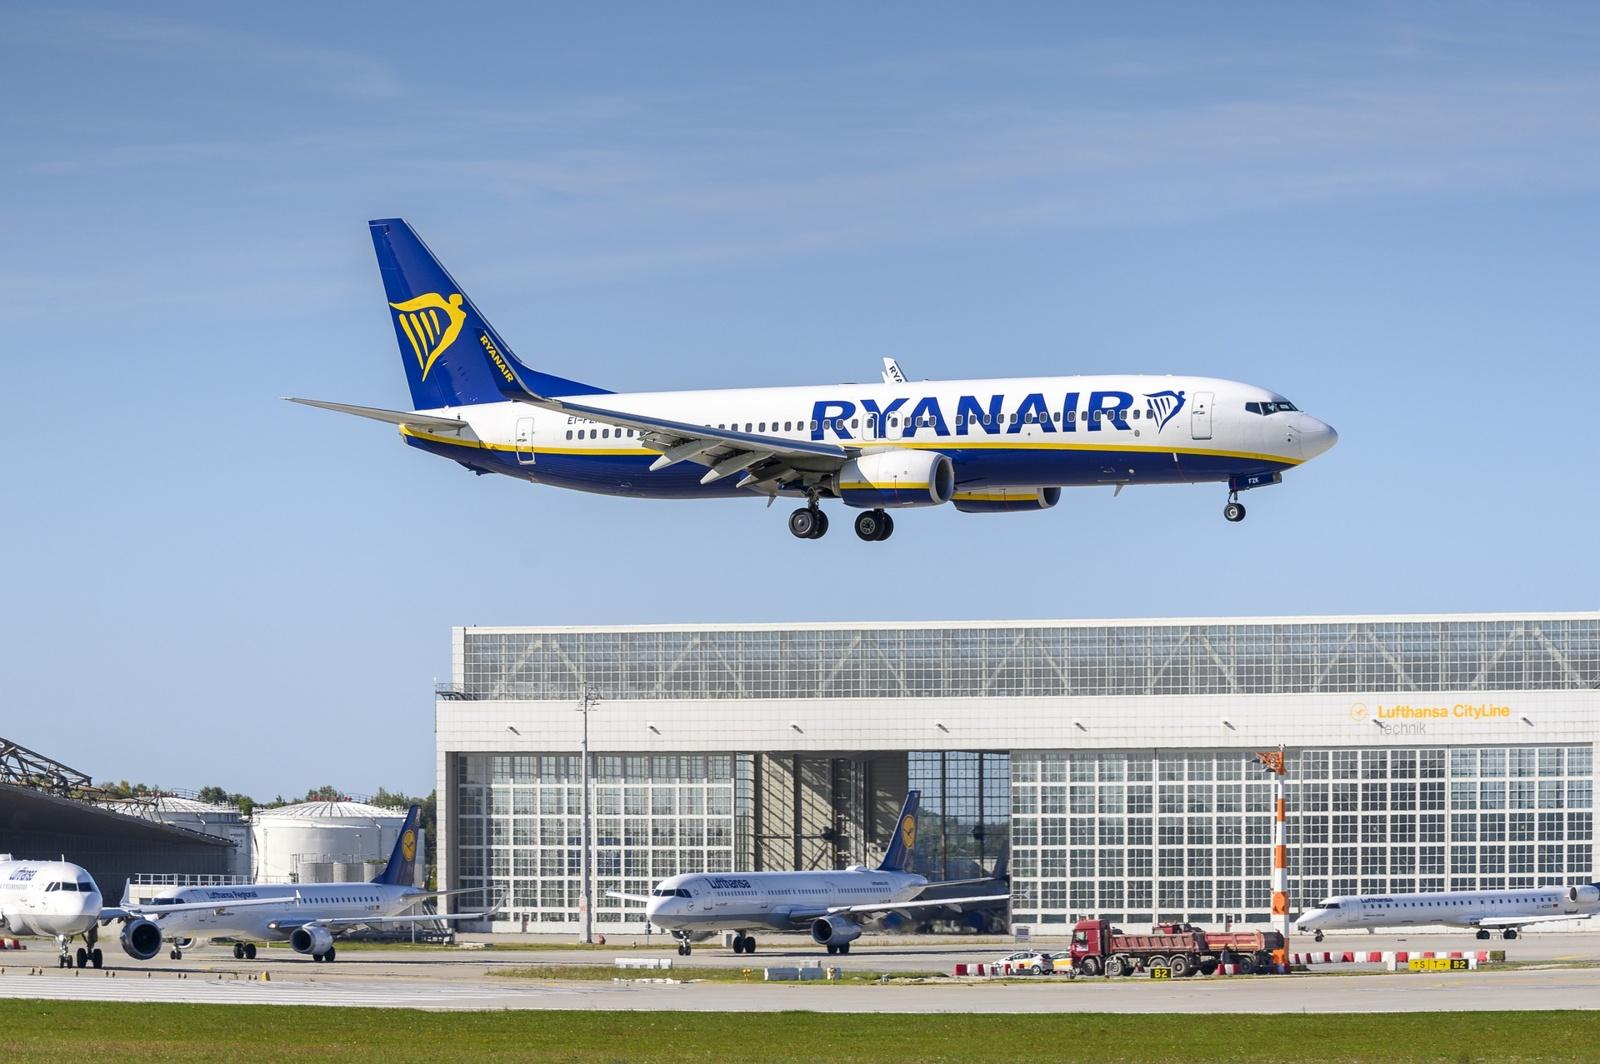 Oro uostuose masiškai atšaukinėjami skrydžiai iš Anglijos